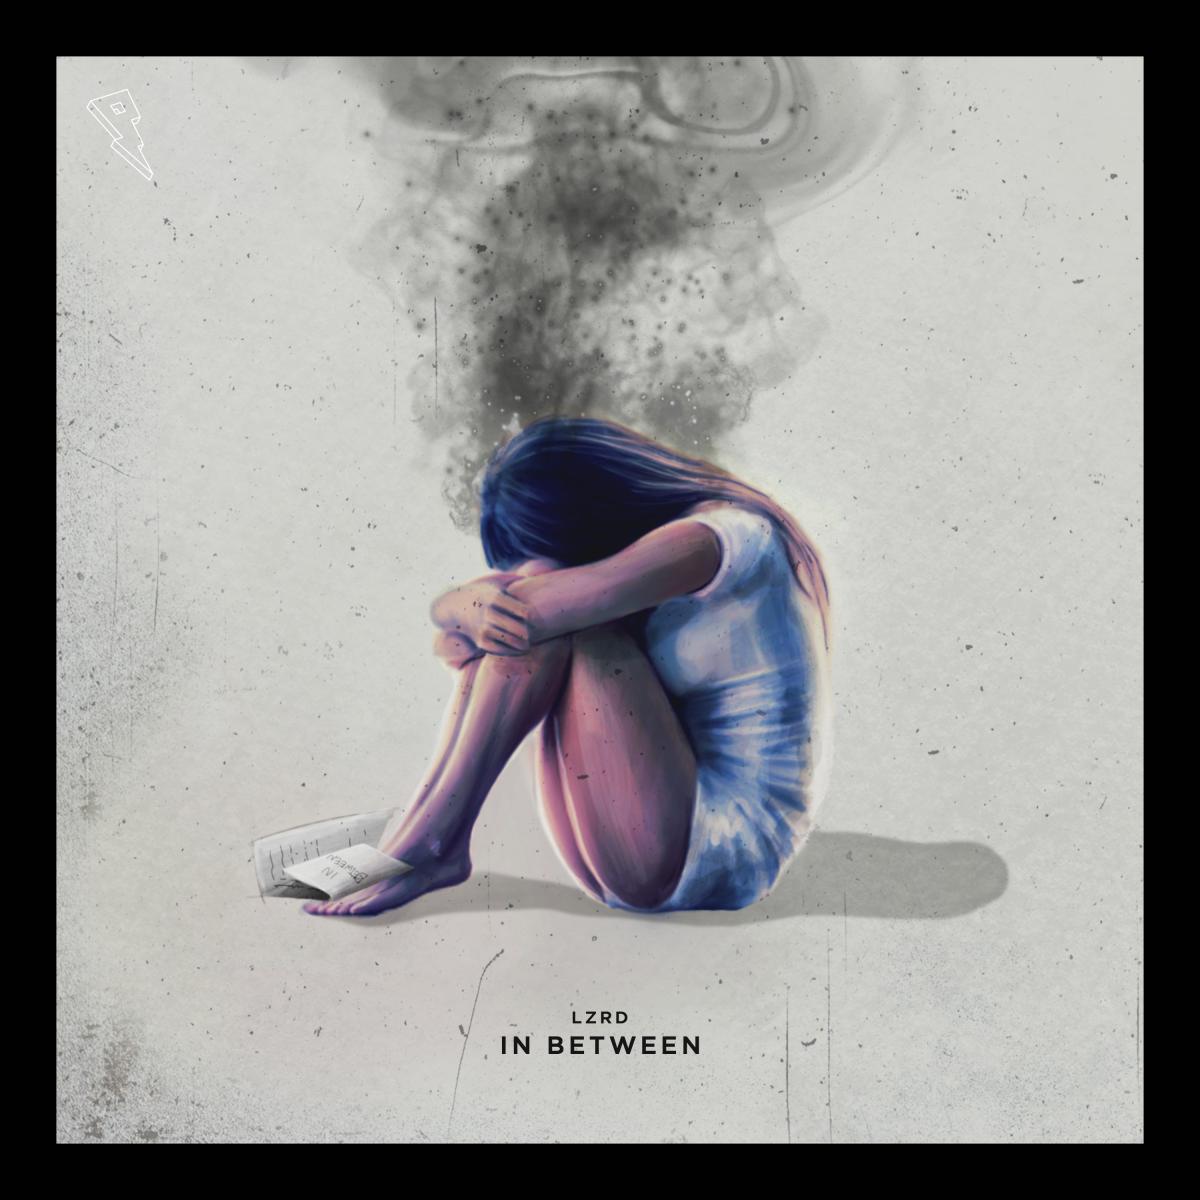 LZRD - In Between [Album ARtwork for Proximity Release]